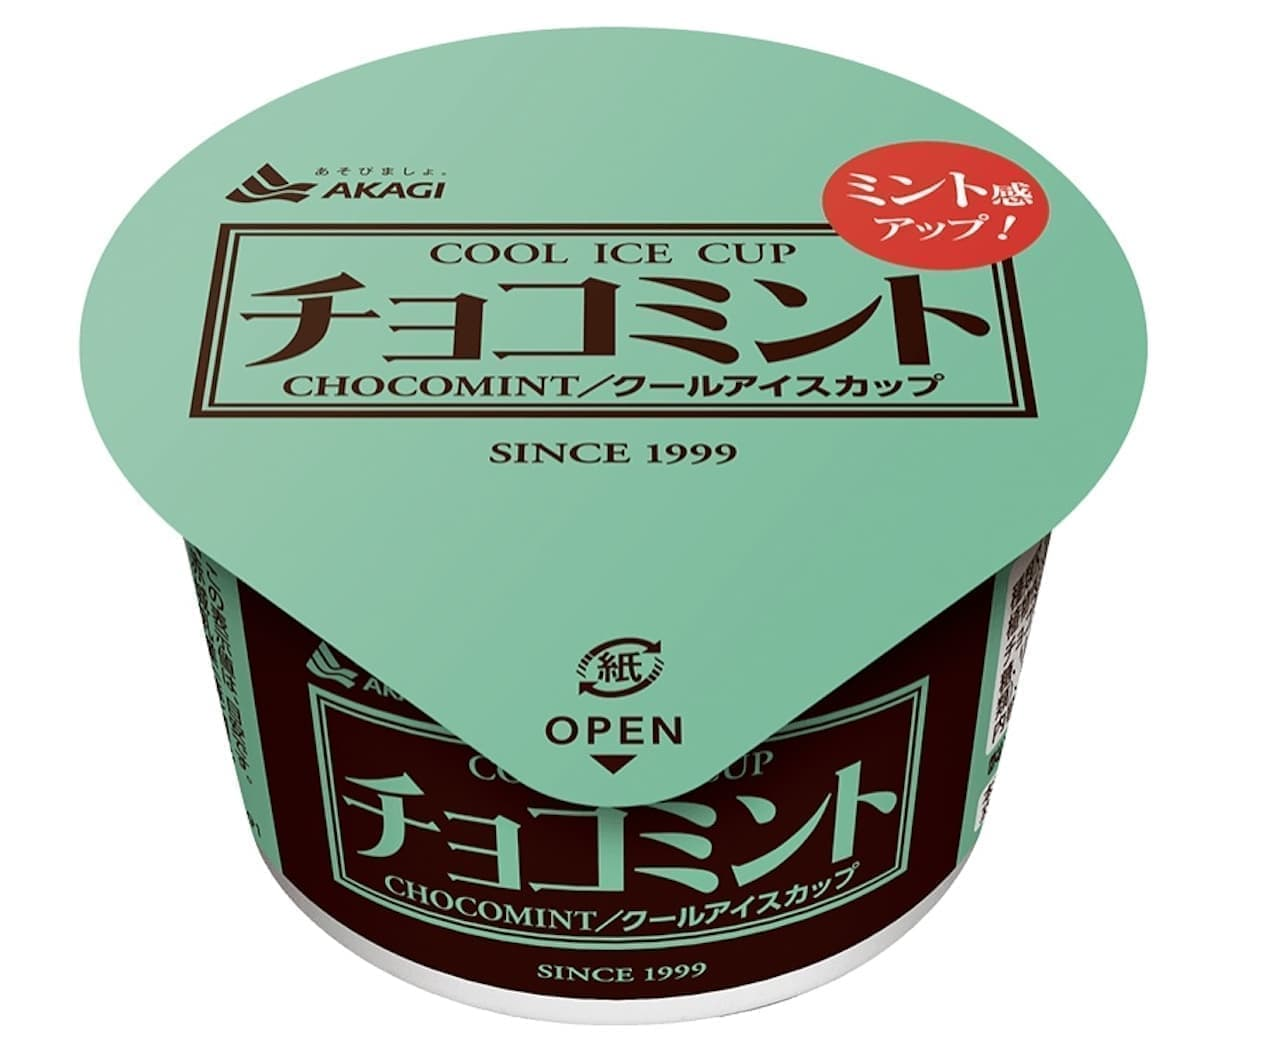 赤城乳業「チョコミント(カップ)」